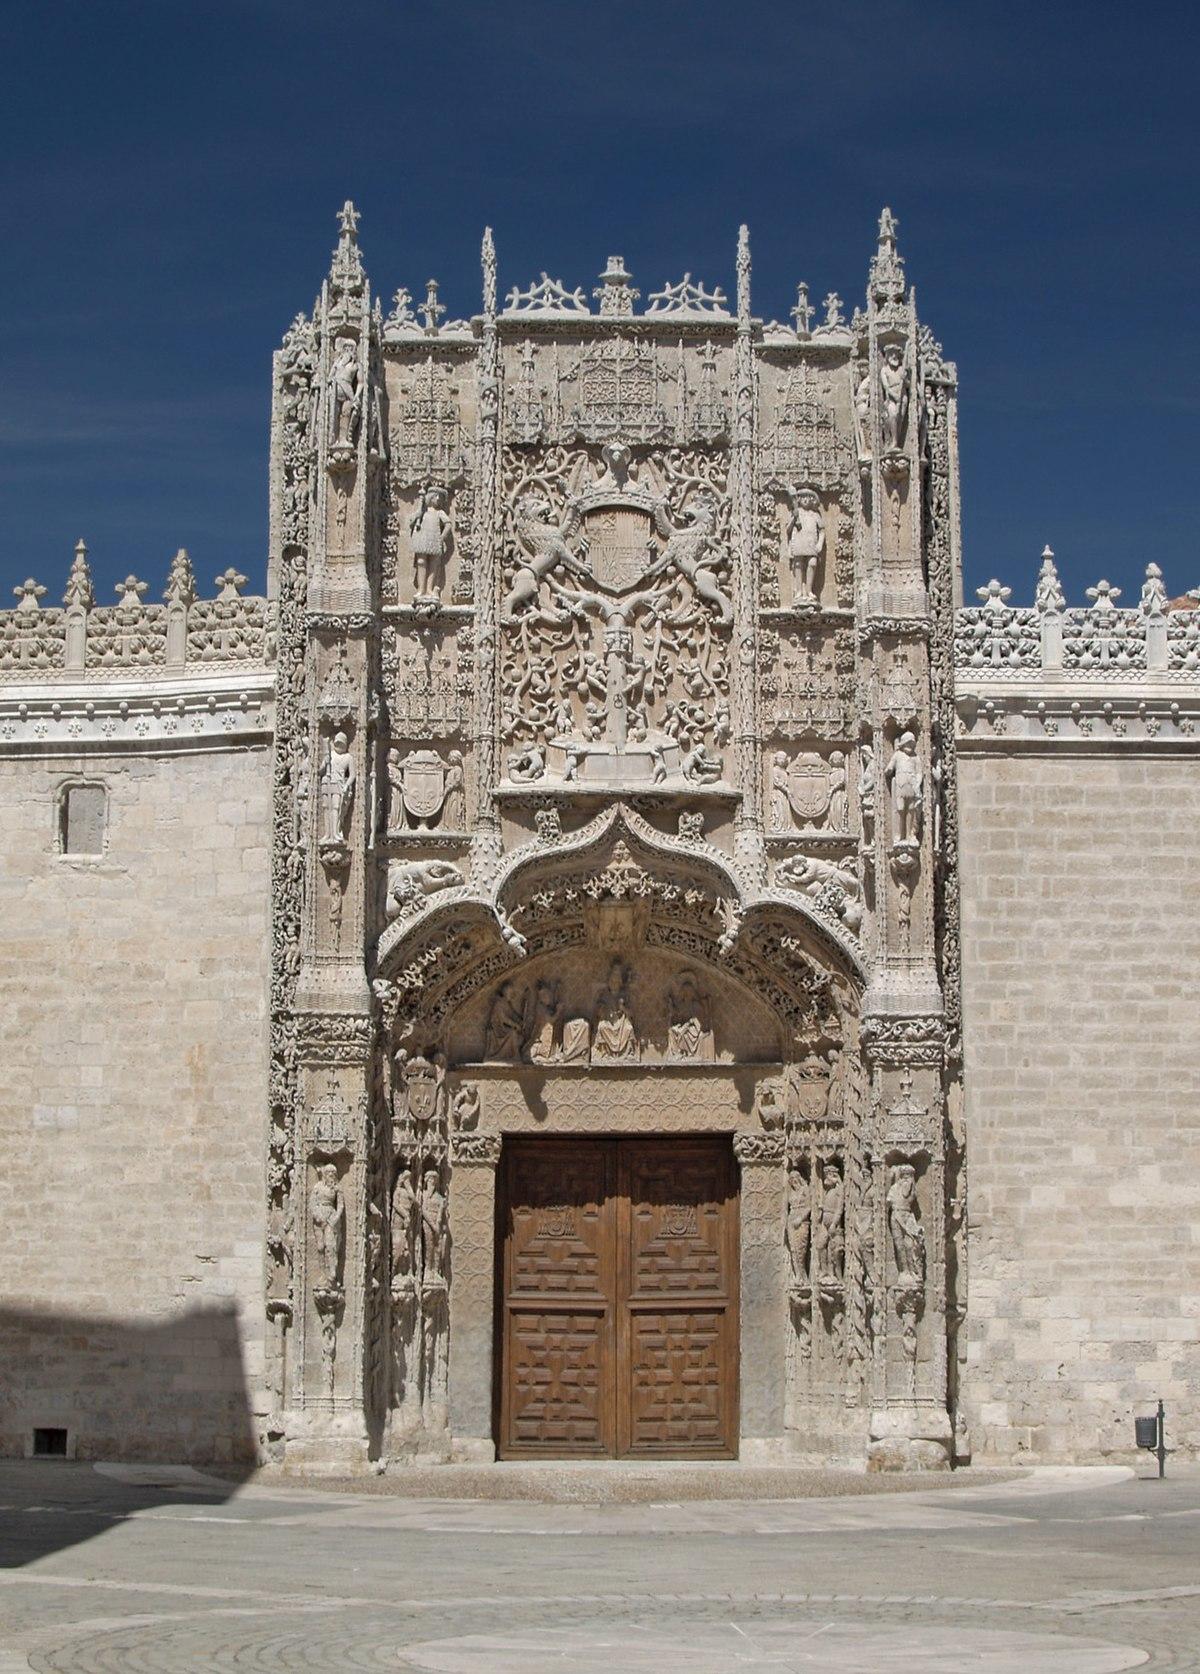 Museo nacional de escultura valladolid wikipedia - Fotos del real valladolid ...